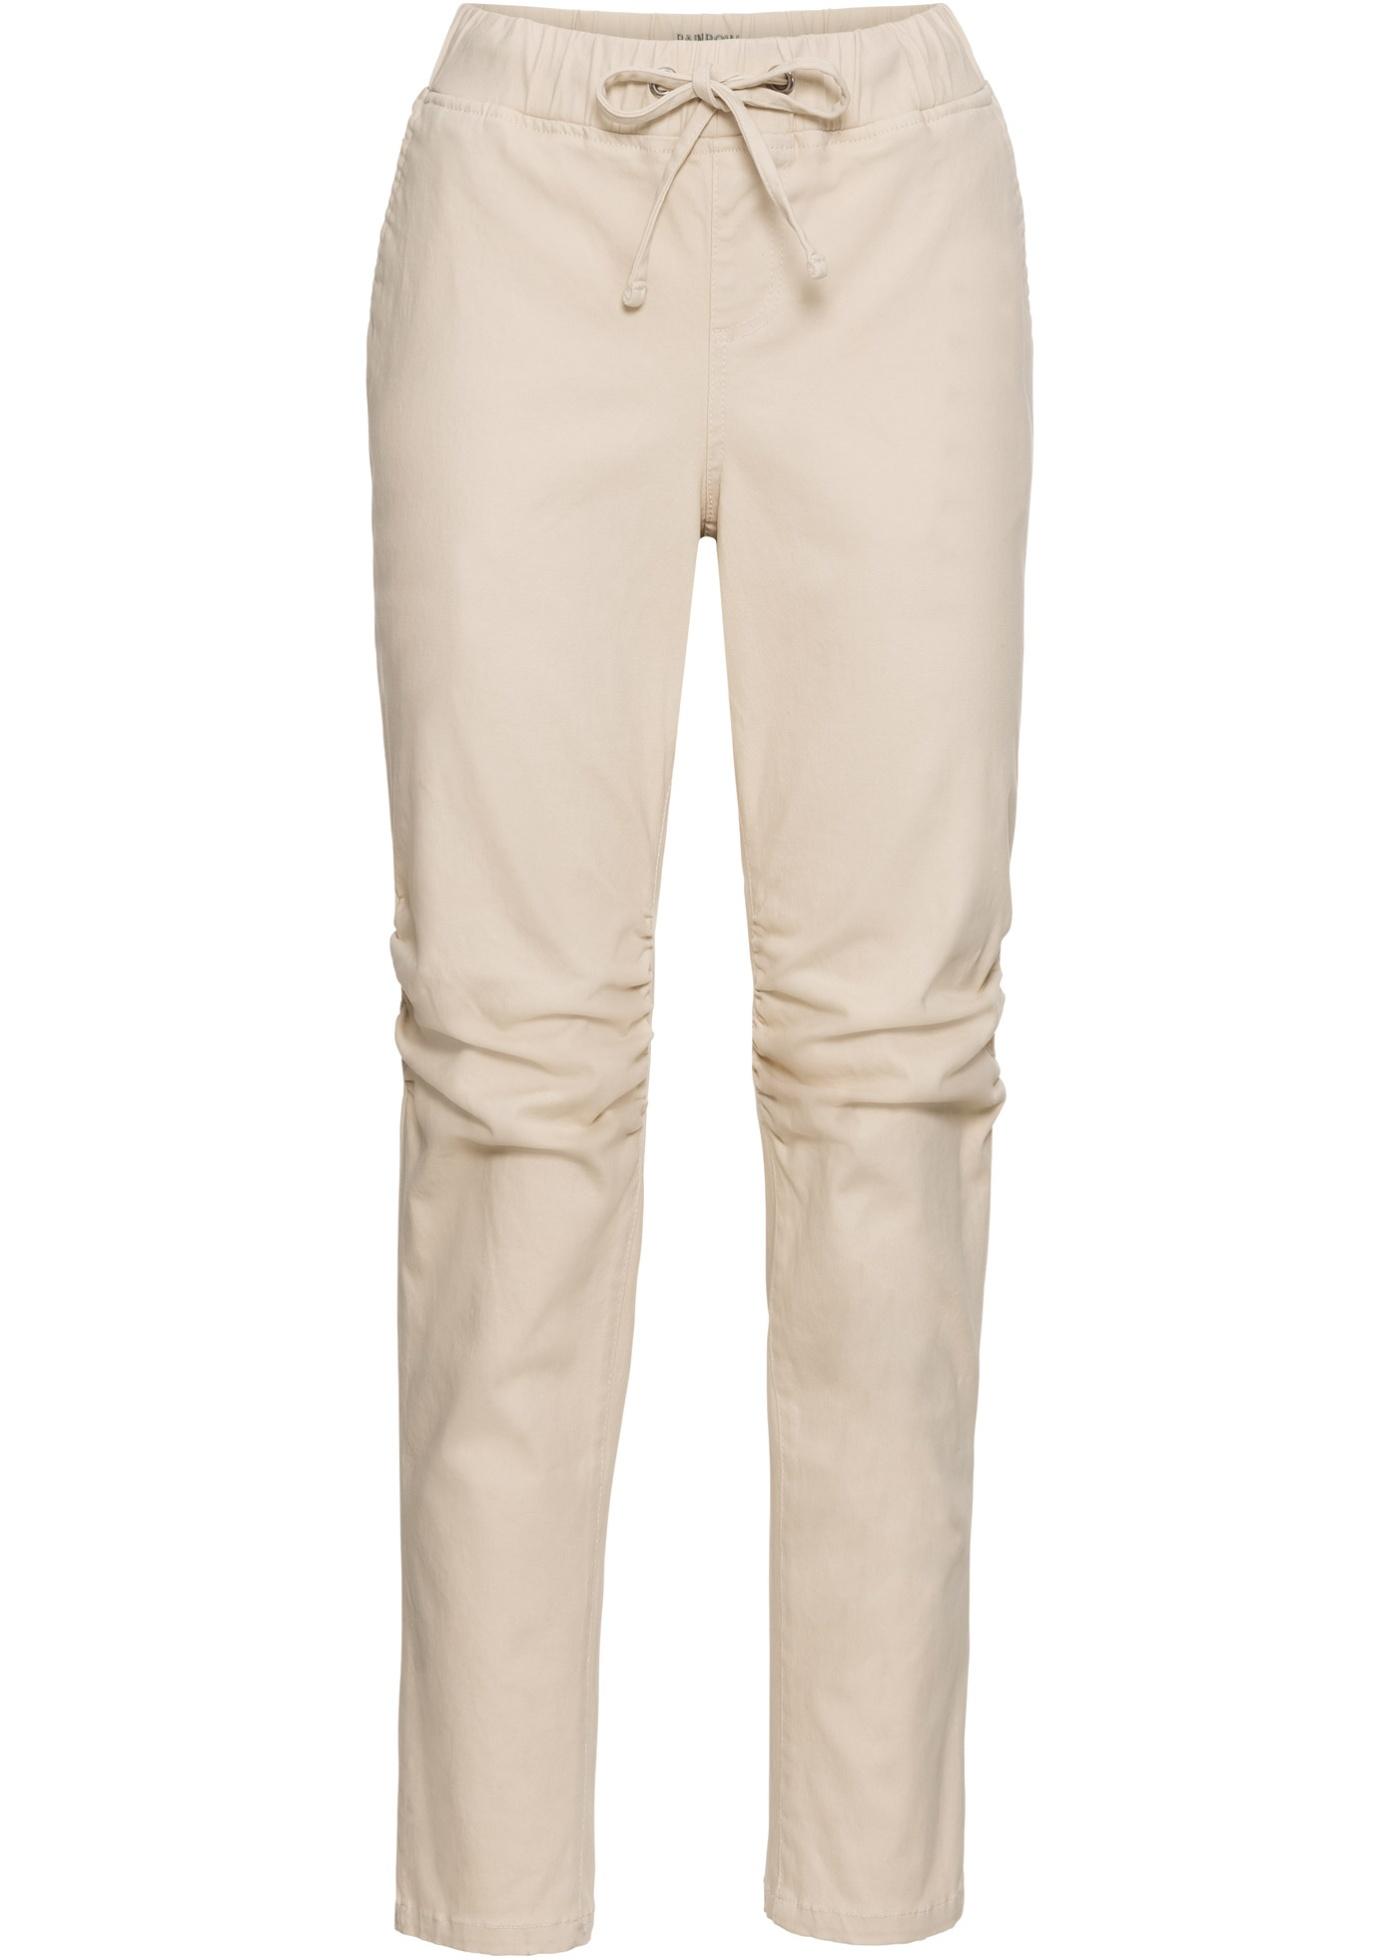 Kargo kalhoty - Béžová